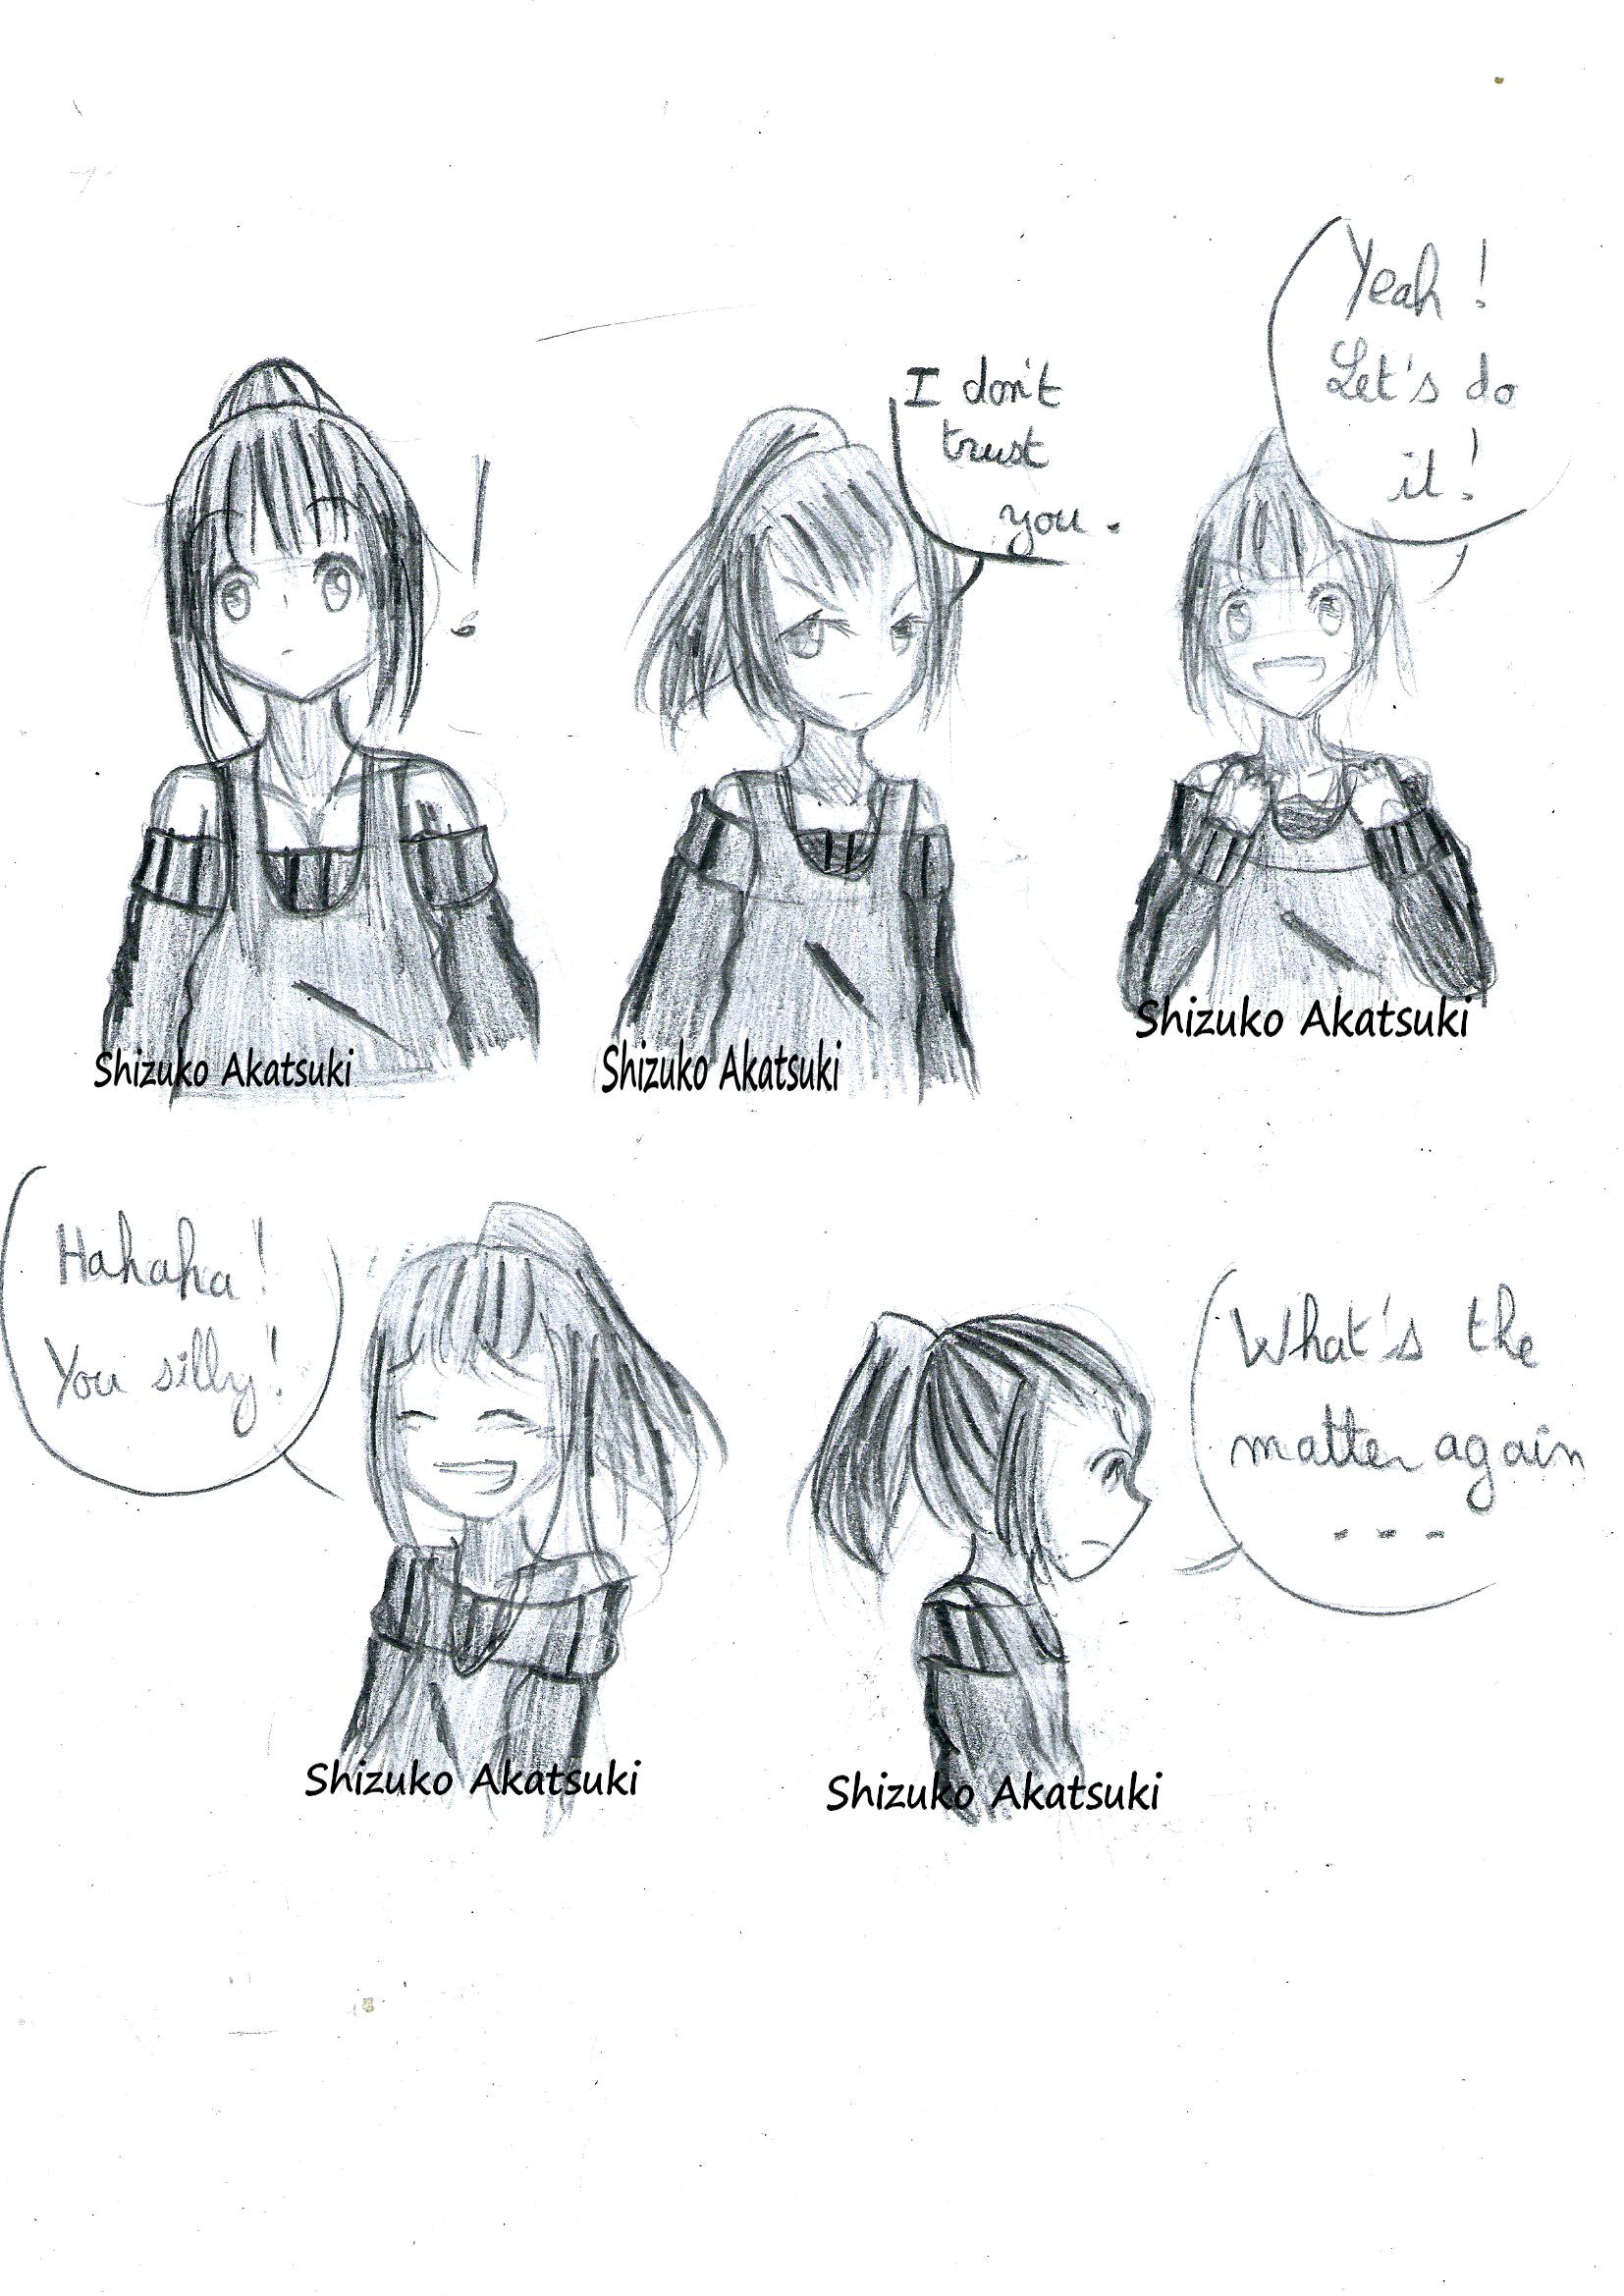 Clea Sketchpage by Shizuko-Akatsuki